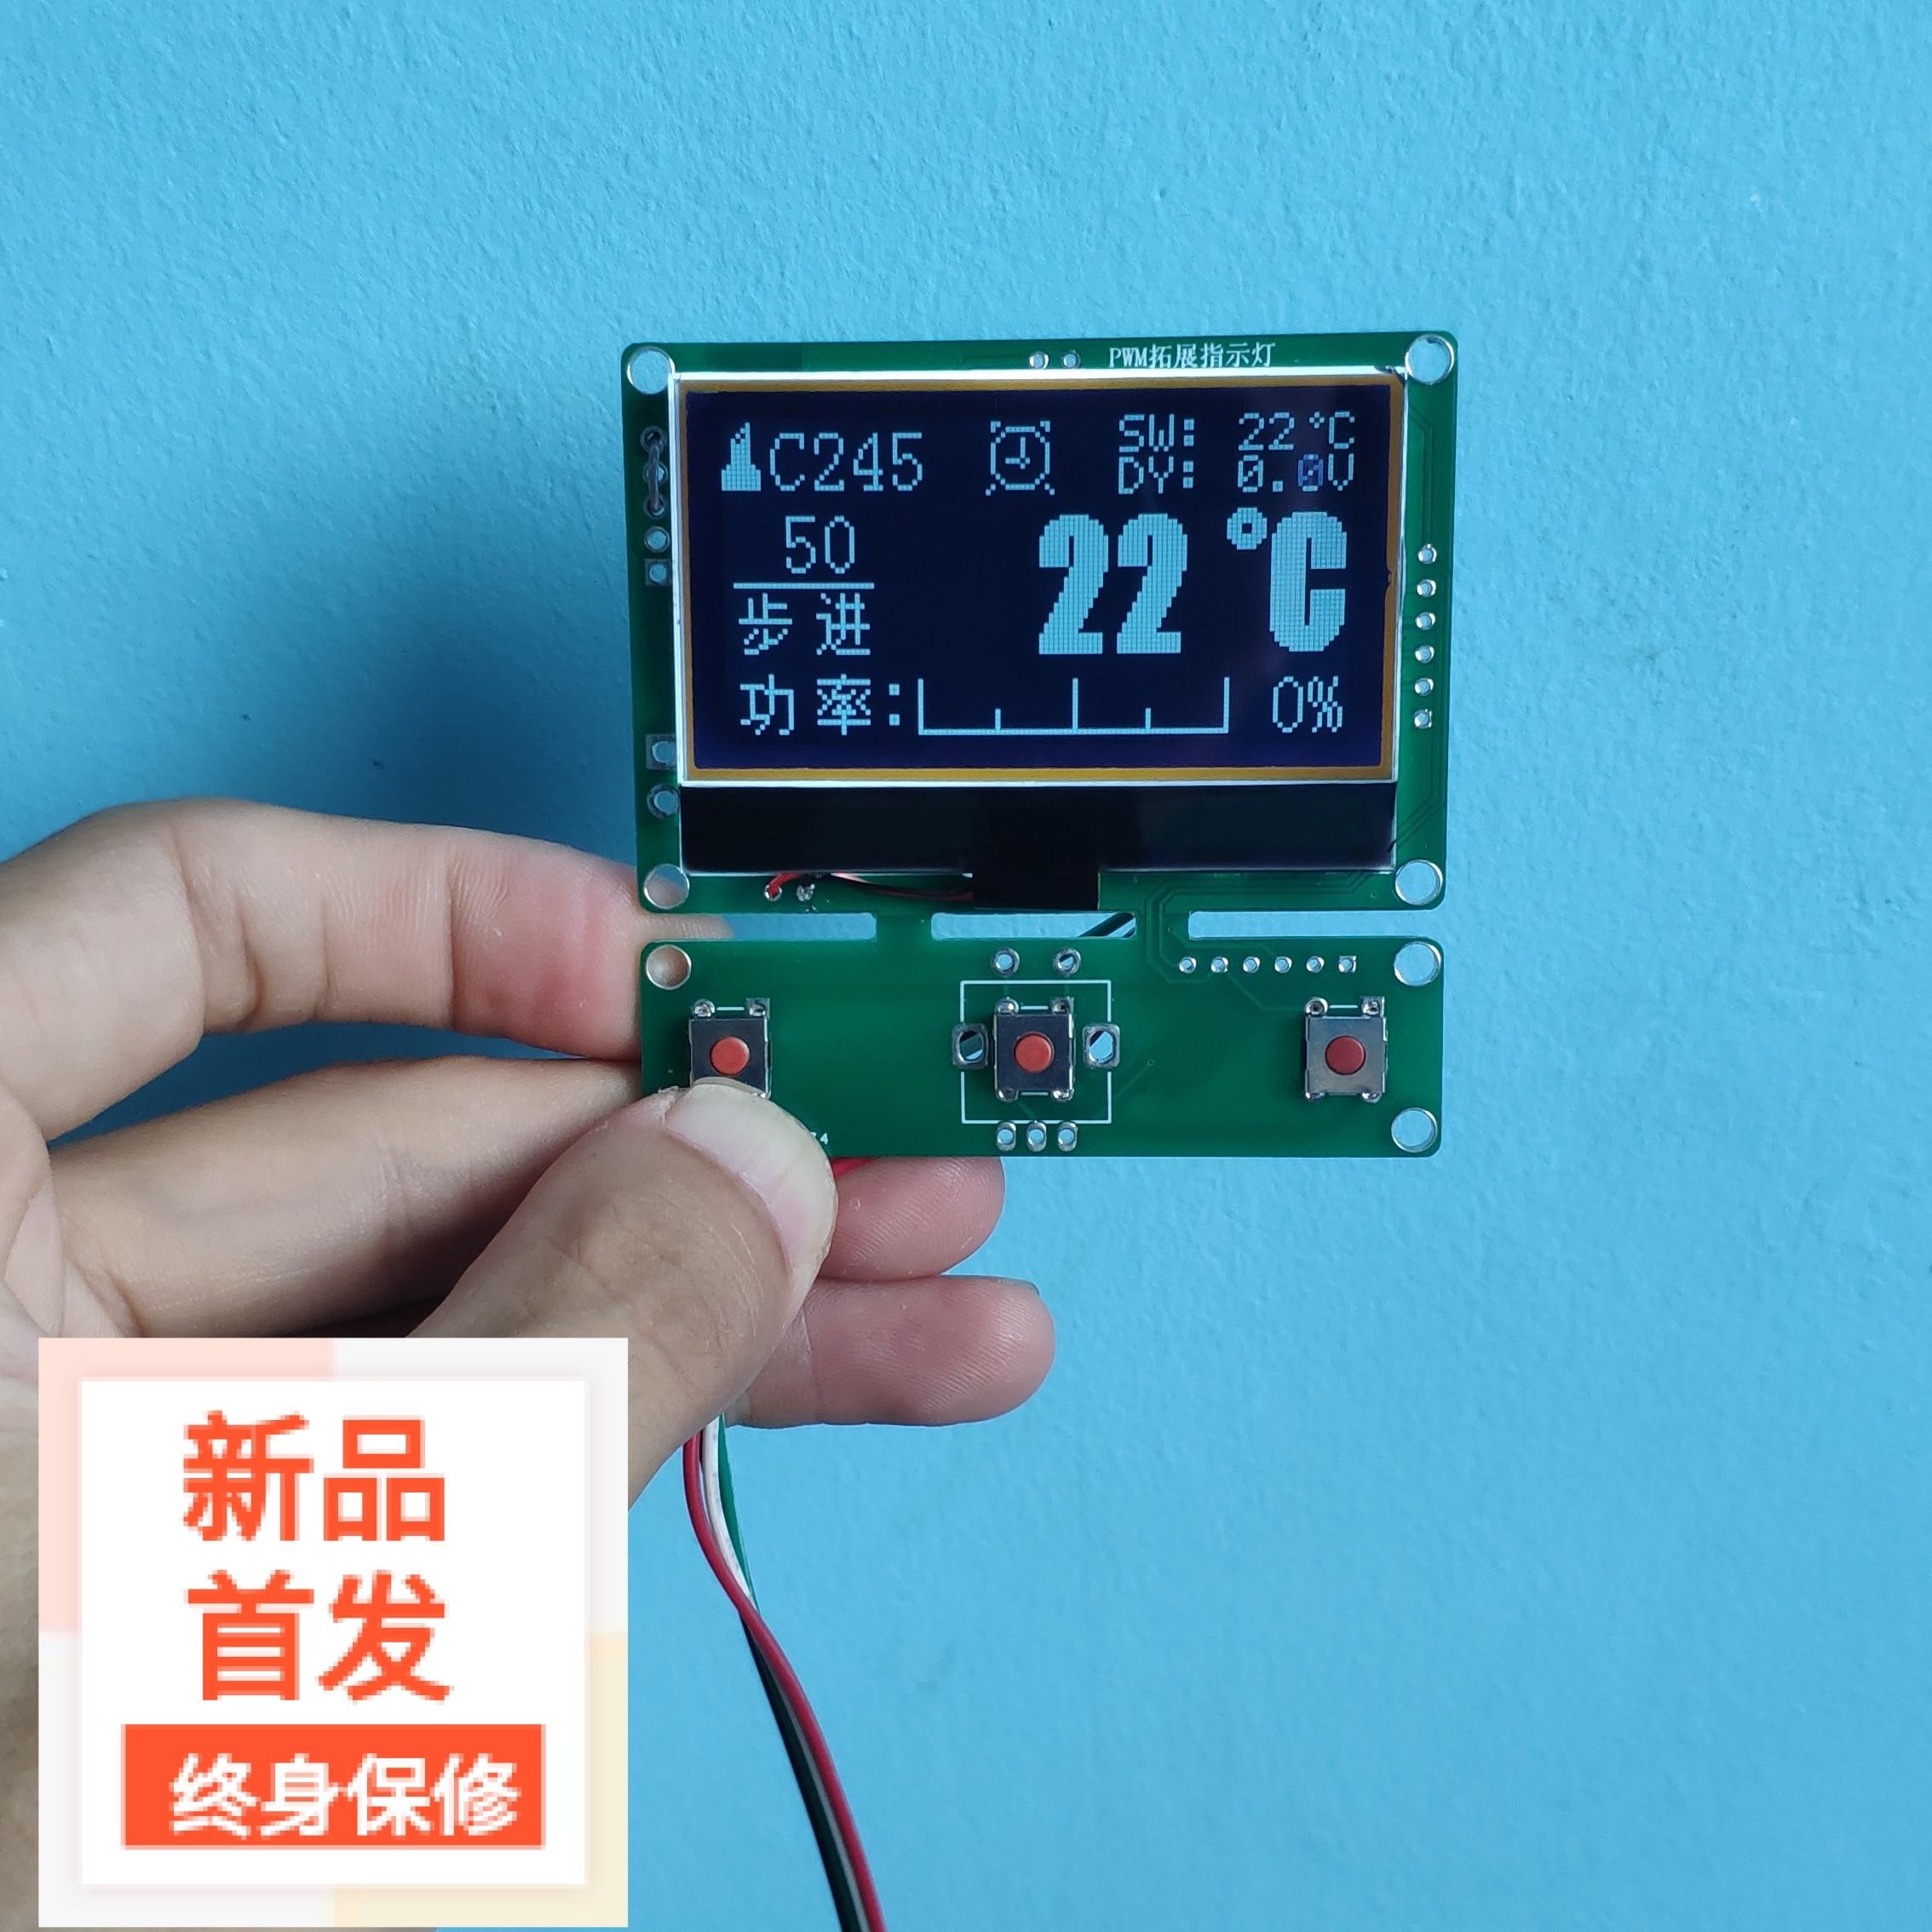 JBC245 | 210 لوحة التحكم الرقمية محطة لحام ذكية T12 لتقوم بها بنفسك عدة لحام حديد كهروضوئي أبيض 2020